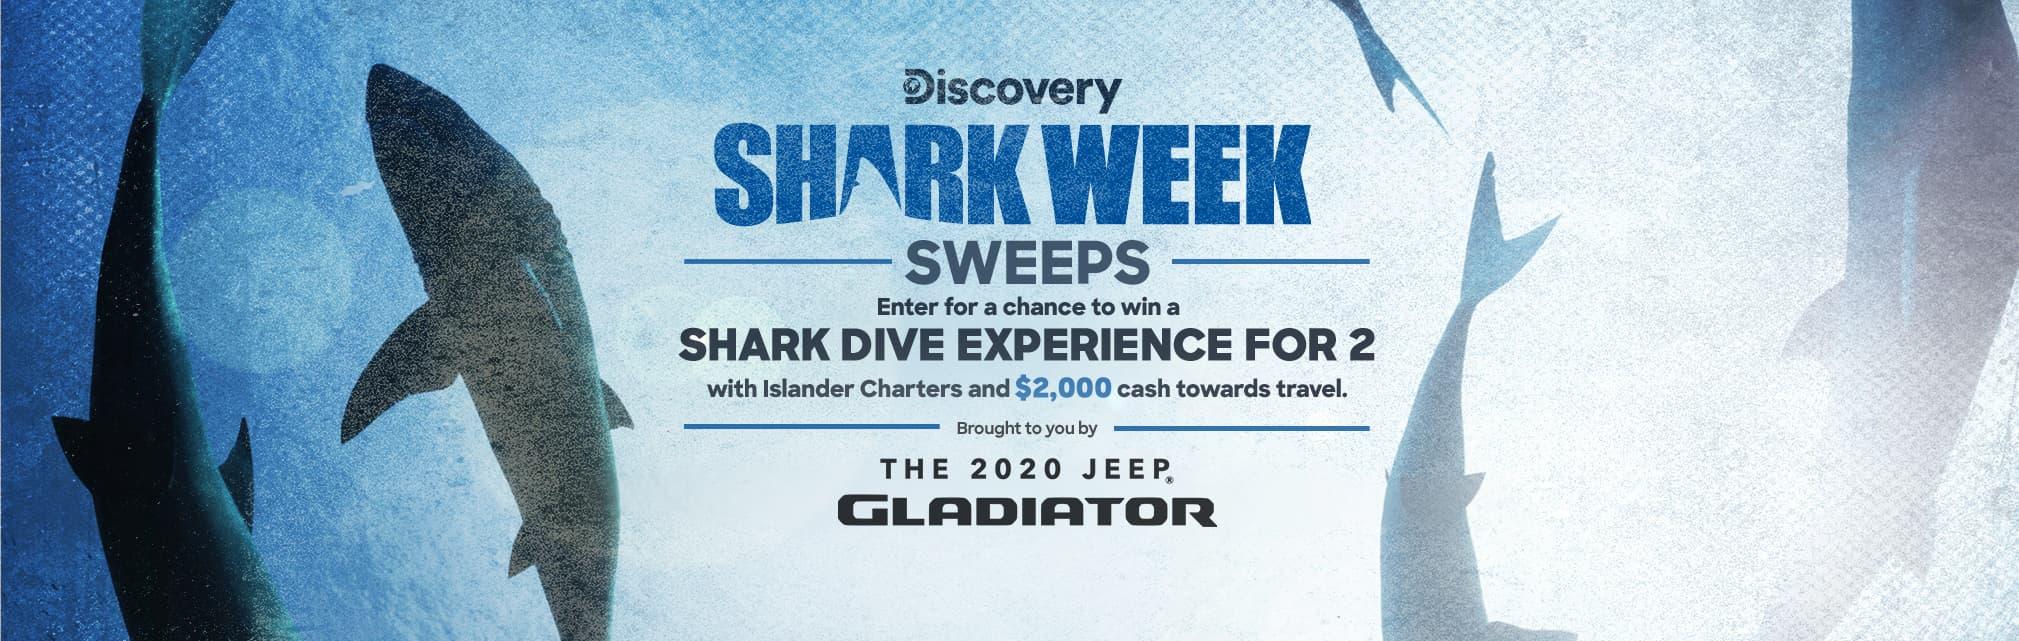 shark week 2020 - photo #34